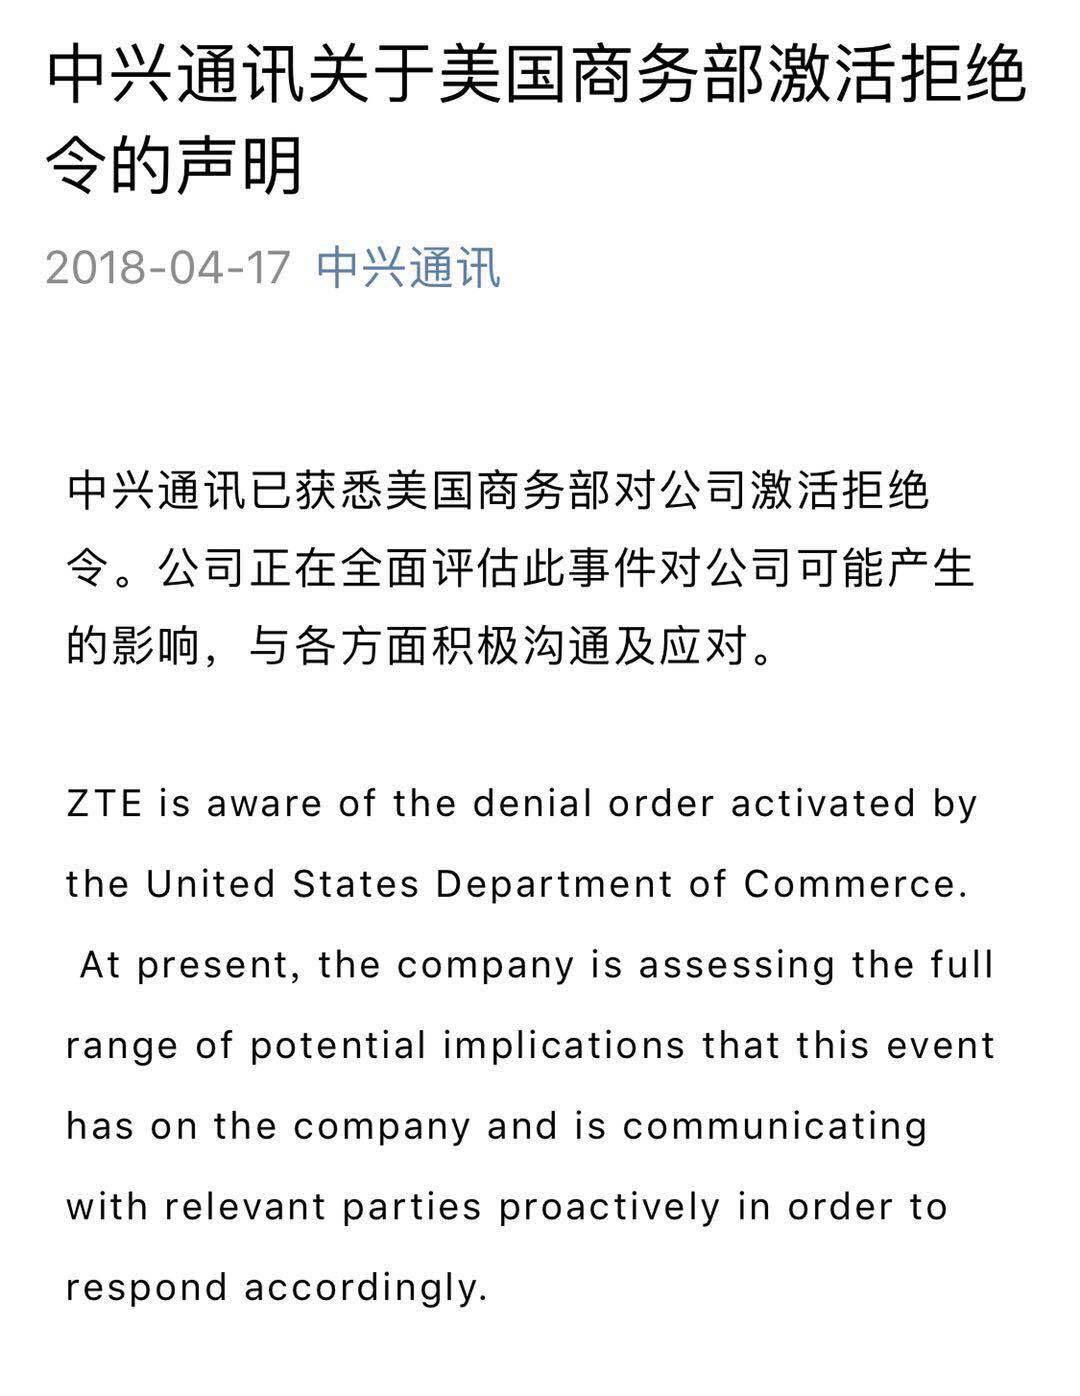 中兴通讯:已获悉美国商务部对公司激活拒绝令